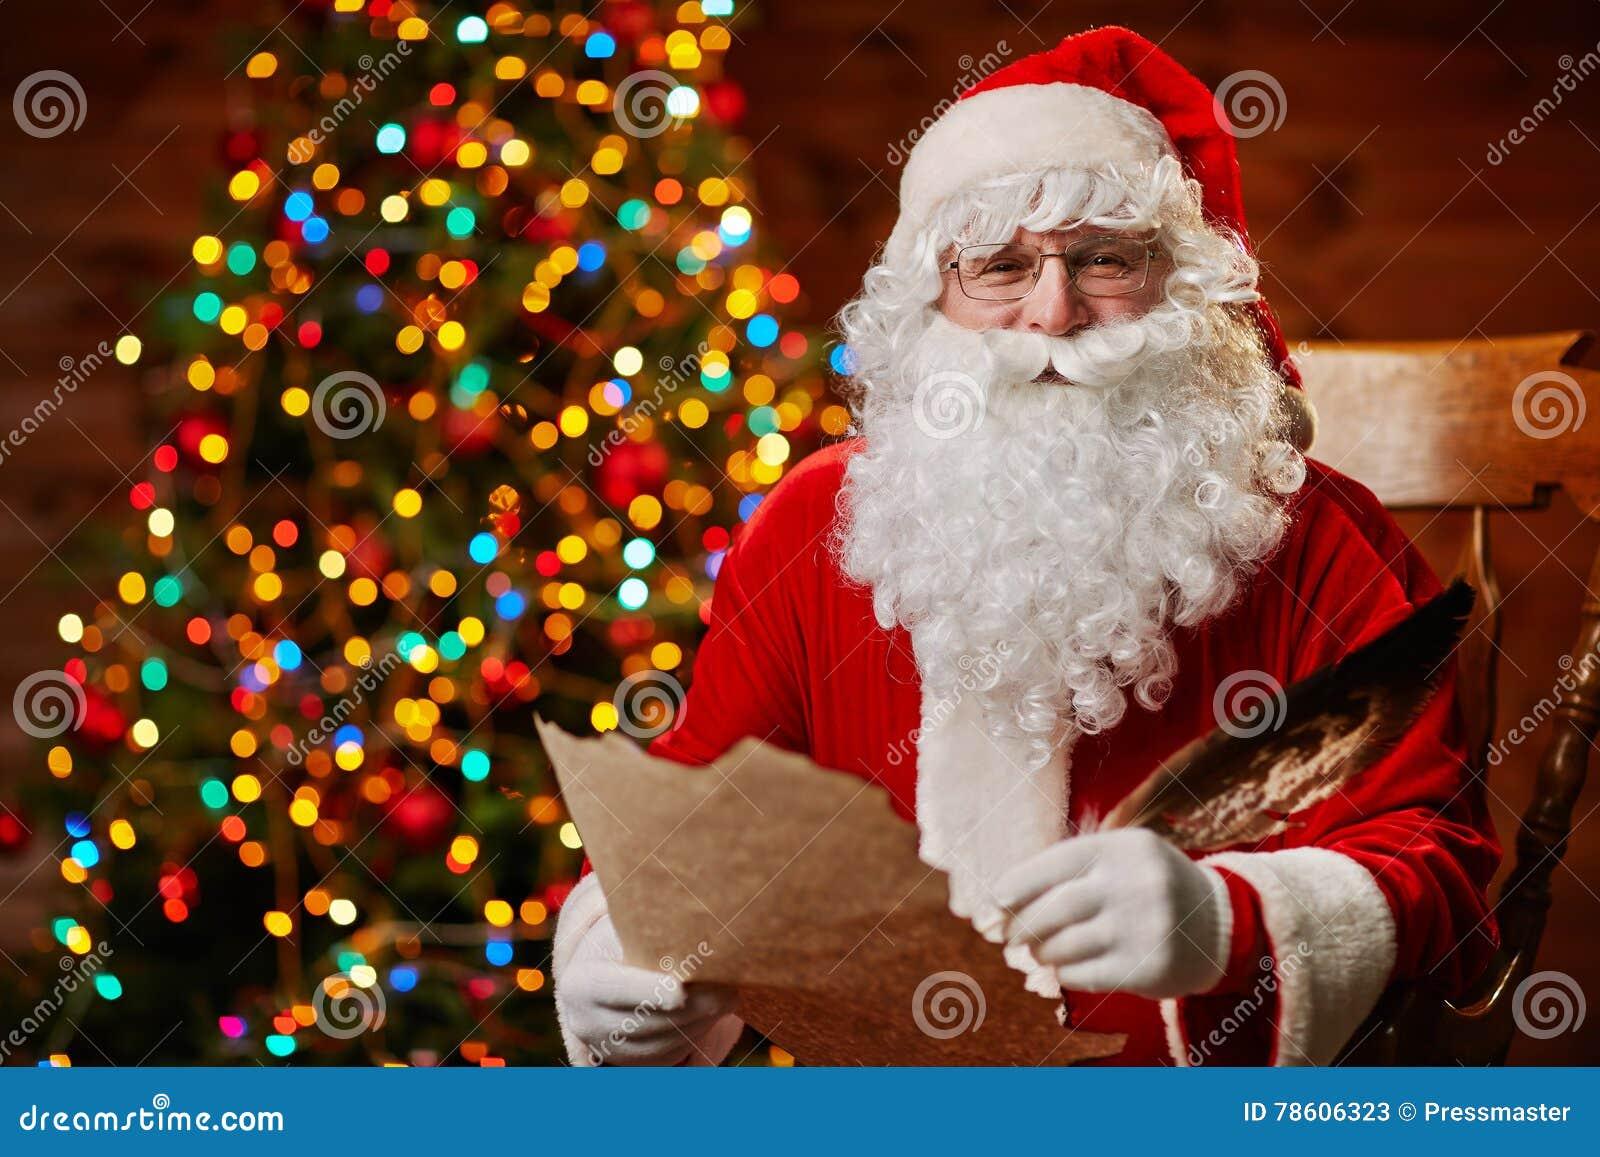 Kerstman met wensen